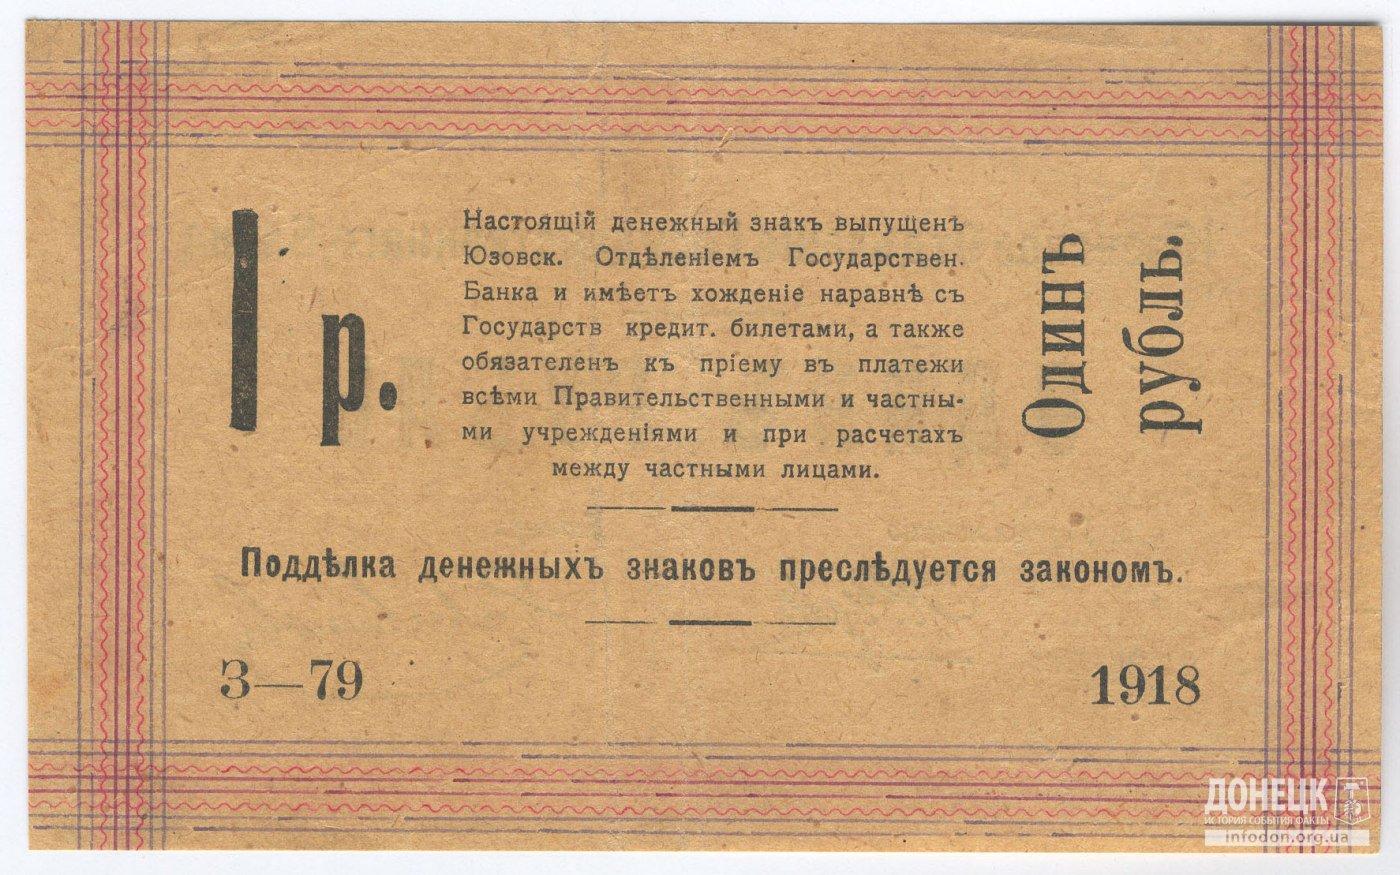 Купюра в 1 рубль, выпущенная Юзовским отделением Государственного банка в 1918 году. Аверс